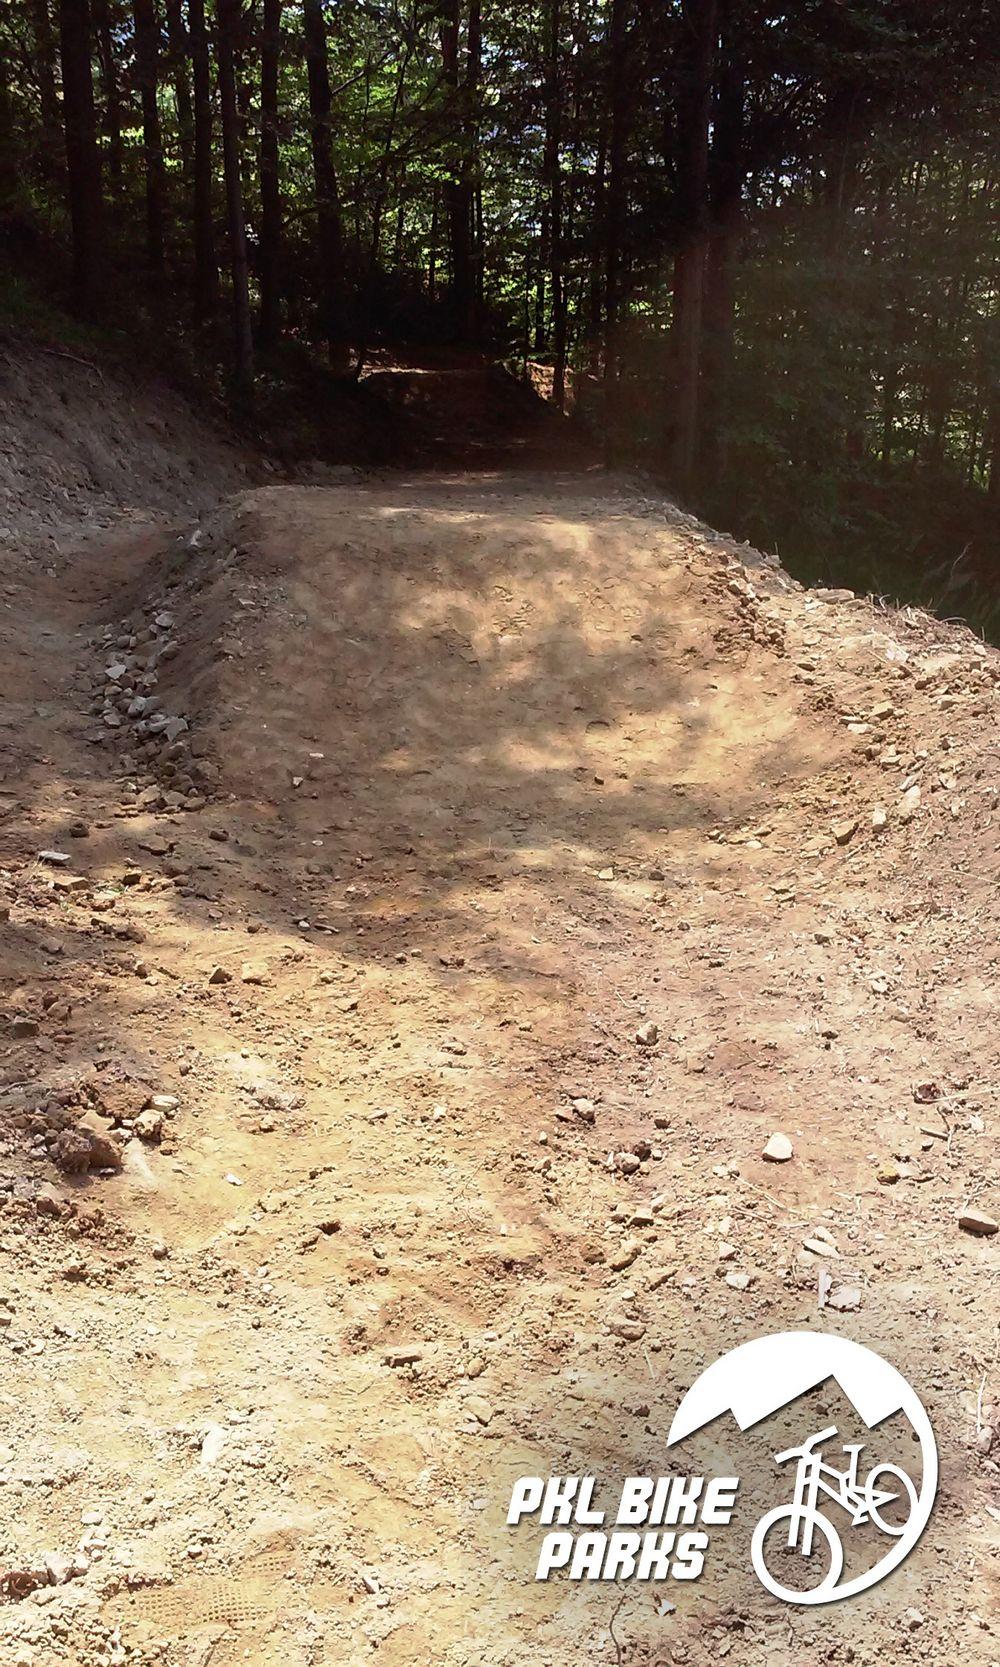 PKL Bike Park: Mosorny Groń - otwarcie!